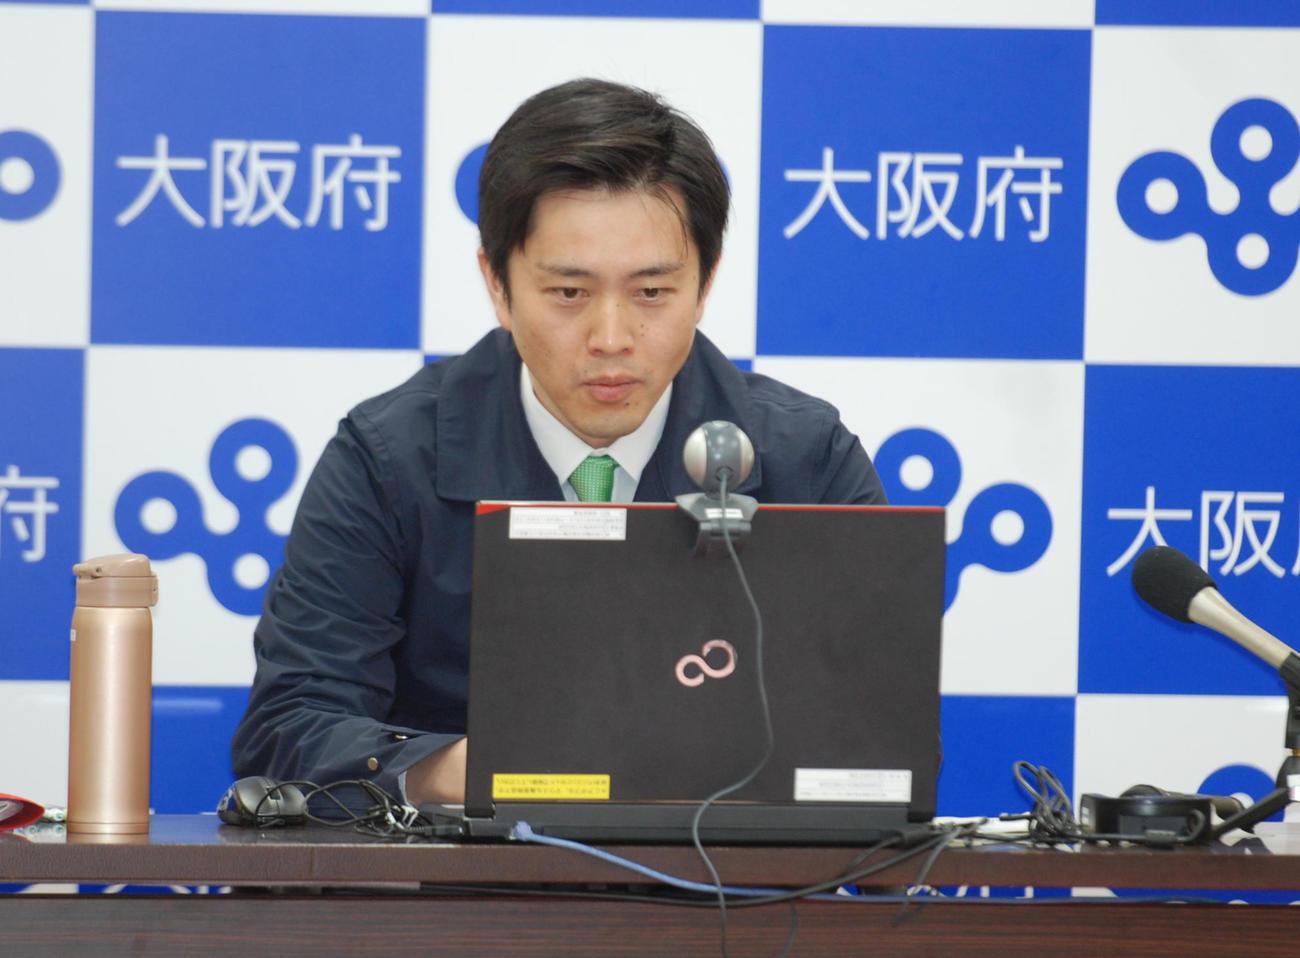 府庁から全国知事会にオンラインで出席した吉村洋文知事(撮影・松浦隆司)